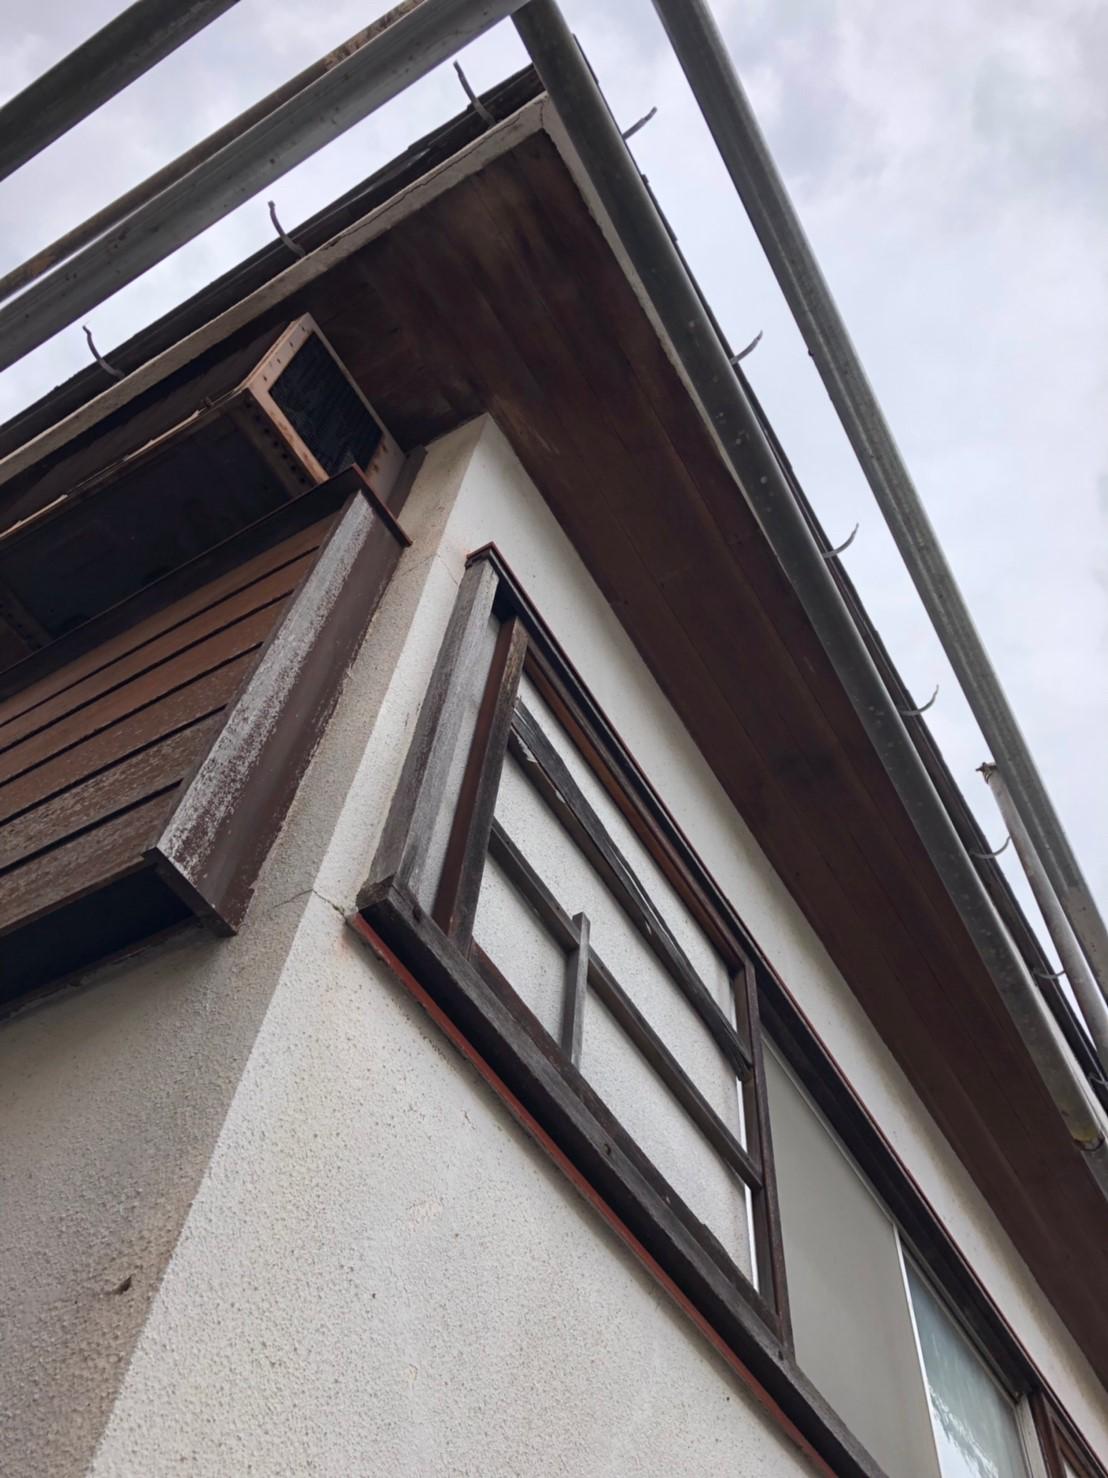 東京都世田谷区で火災保険を申請無料で雨樋交換工事施工中